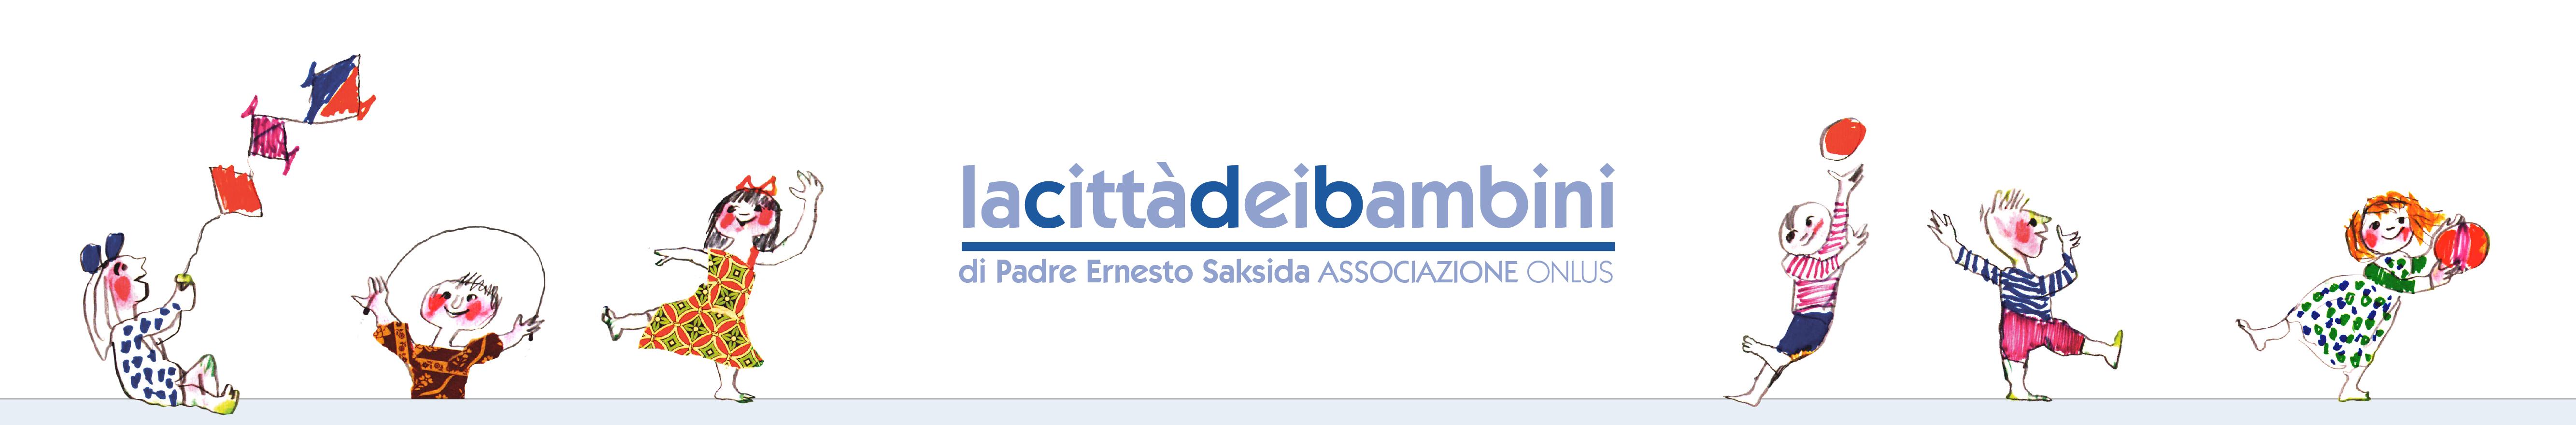 Associazione di Volontariato LA CITTA' DEI BAMBINI di Padre Ernesto Saksida Onlus